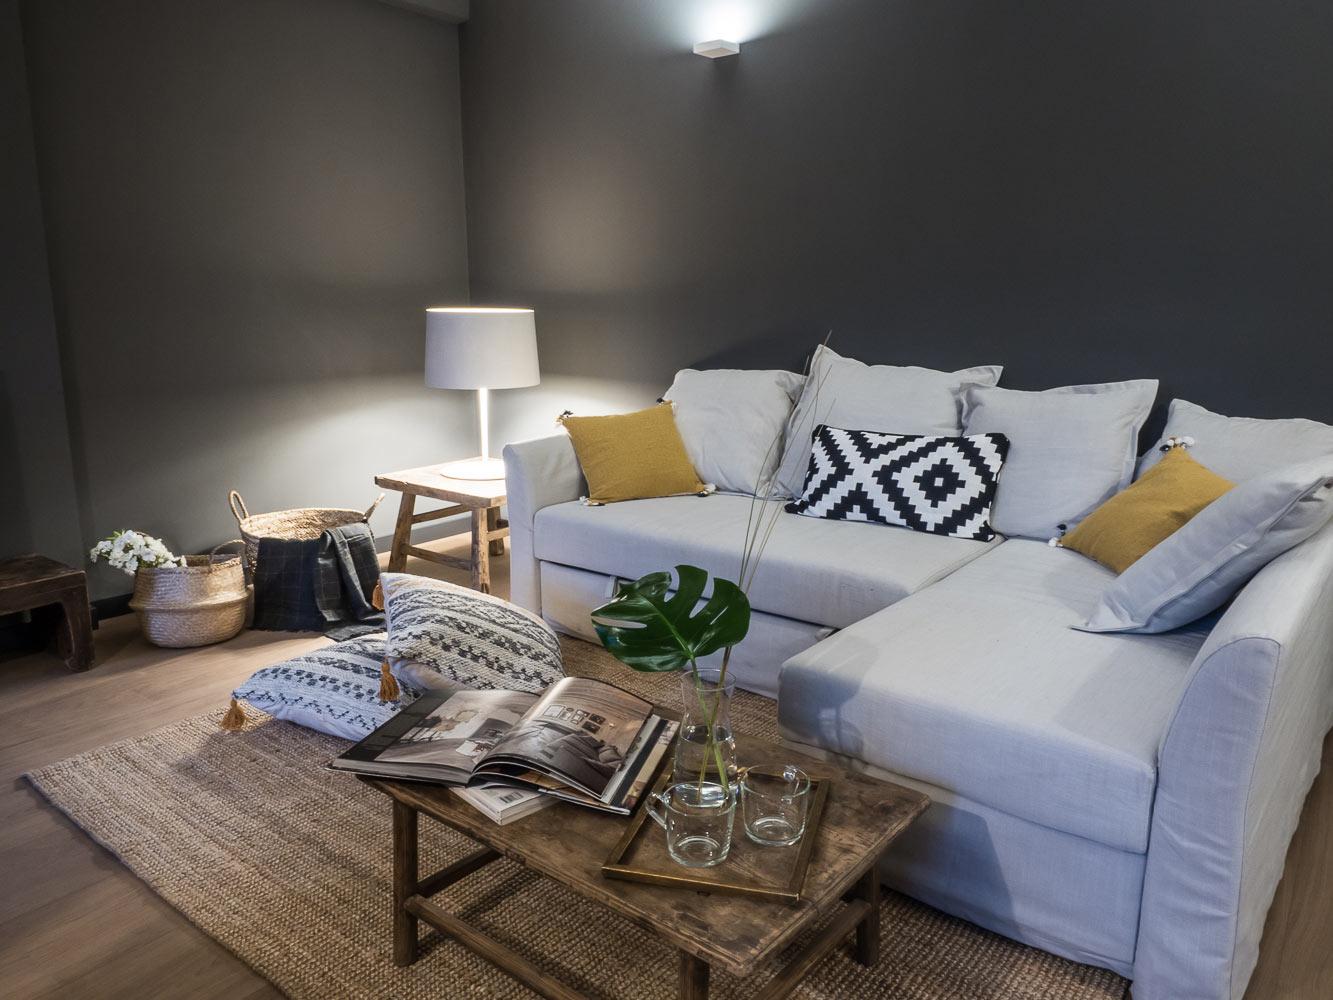 Le logge appartamenti di prestigio in affitto a parma for Affitti appartamenti non arredati